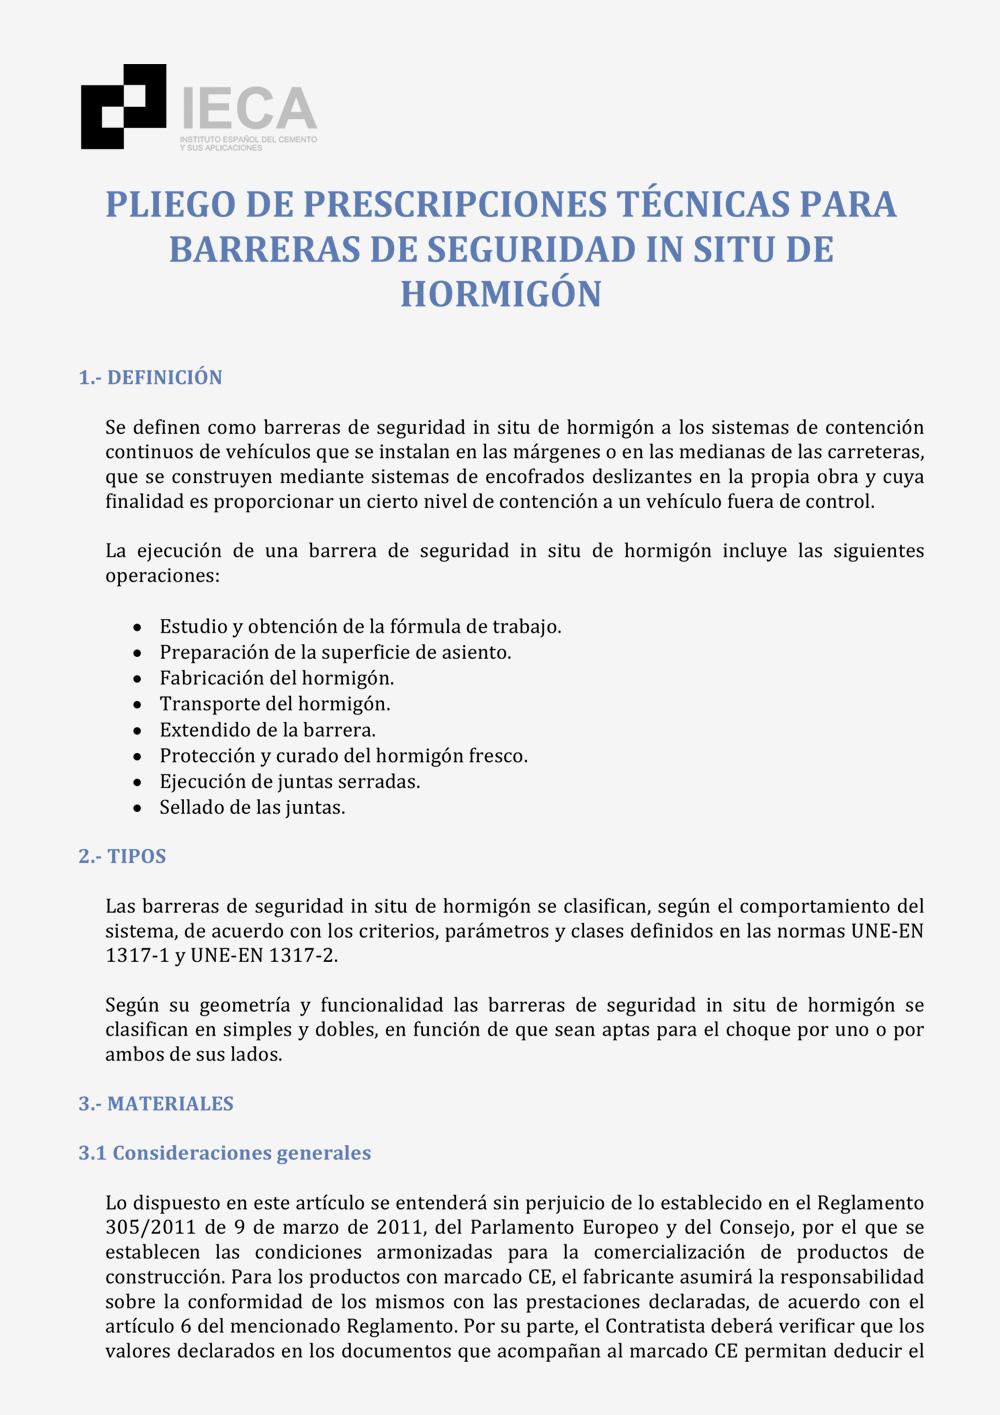 Pliego de prescripciones técnicas para barreras de seguridad in situ de hormigón